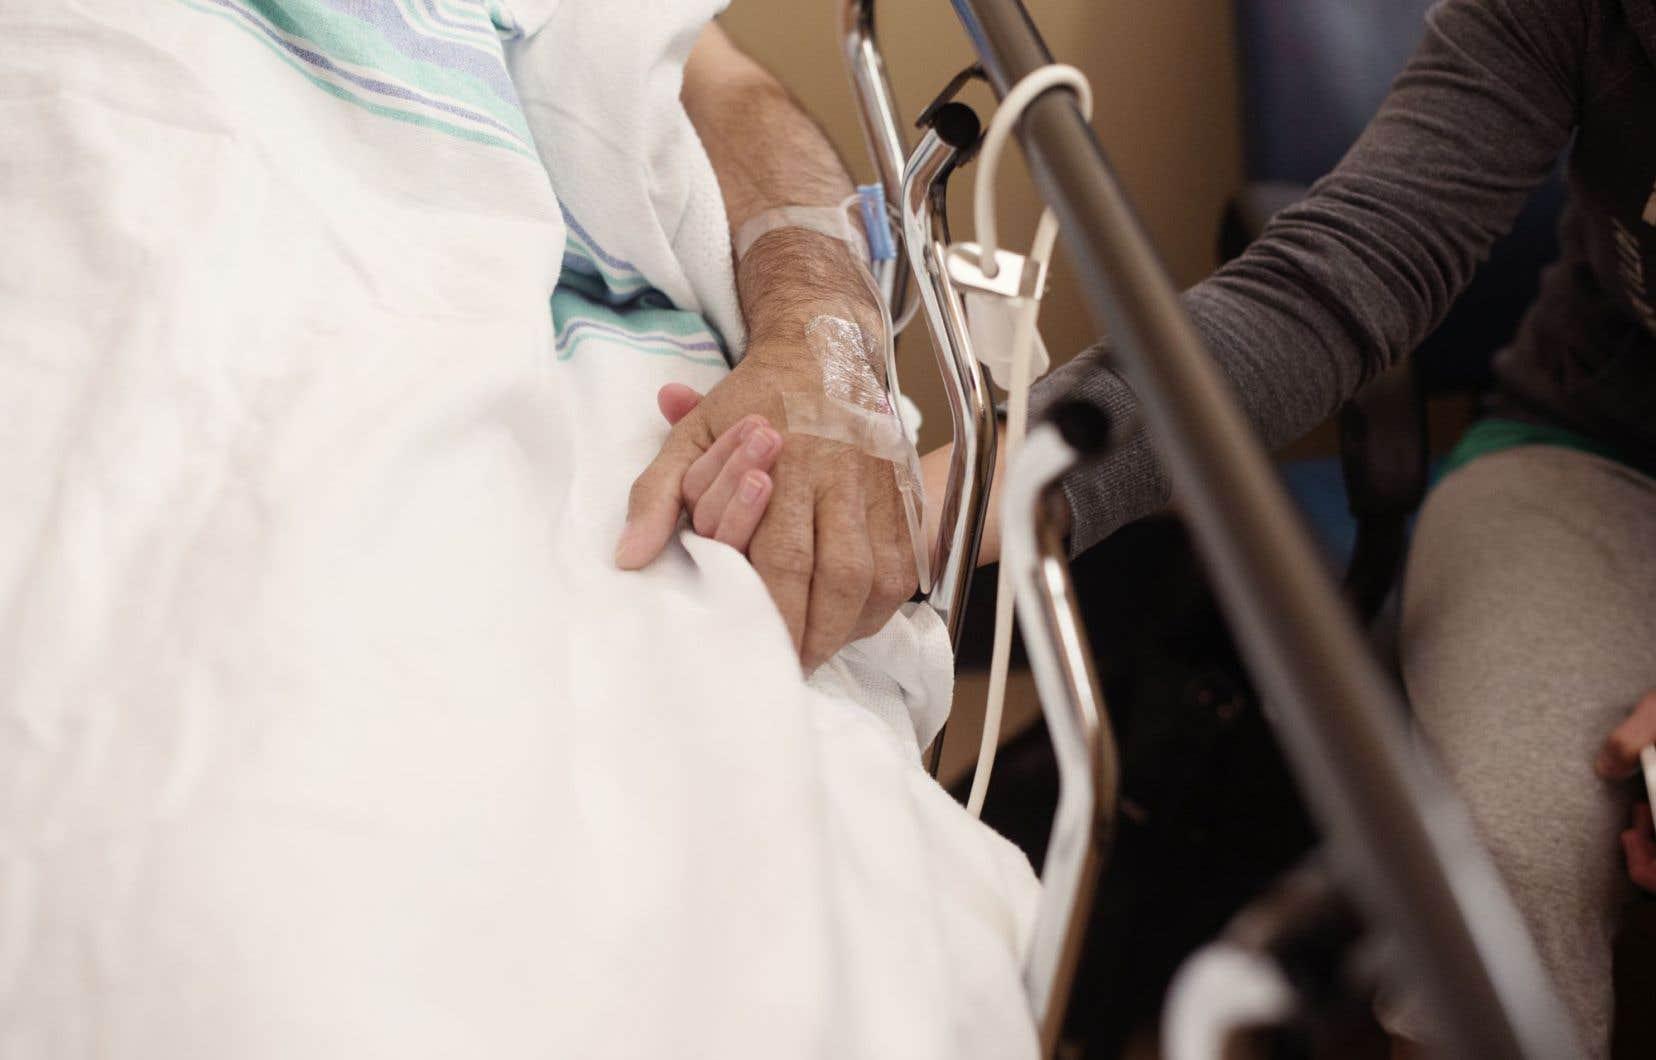 Au Québec, la Loi concernant les soins de fin de vie interdit expressément de demander l'aide médicale à mourir par directive anticipée.